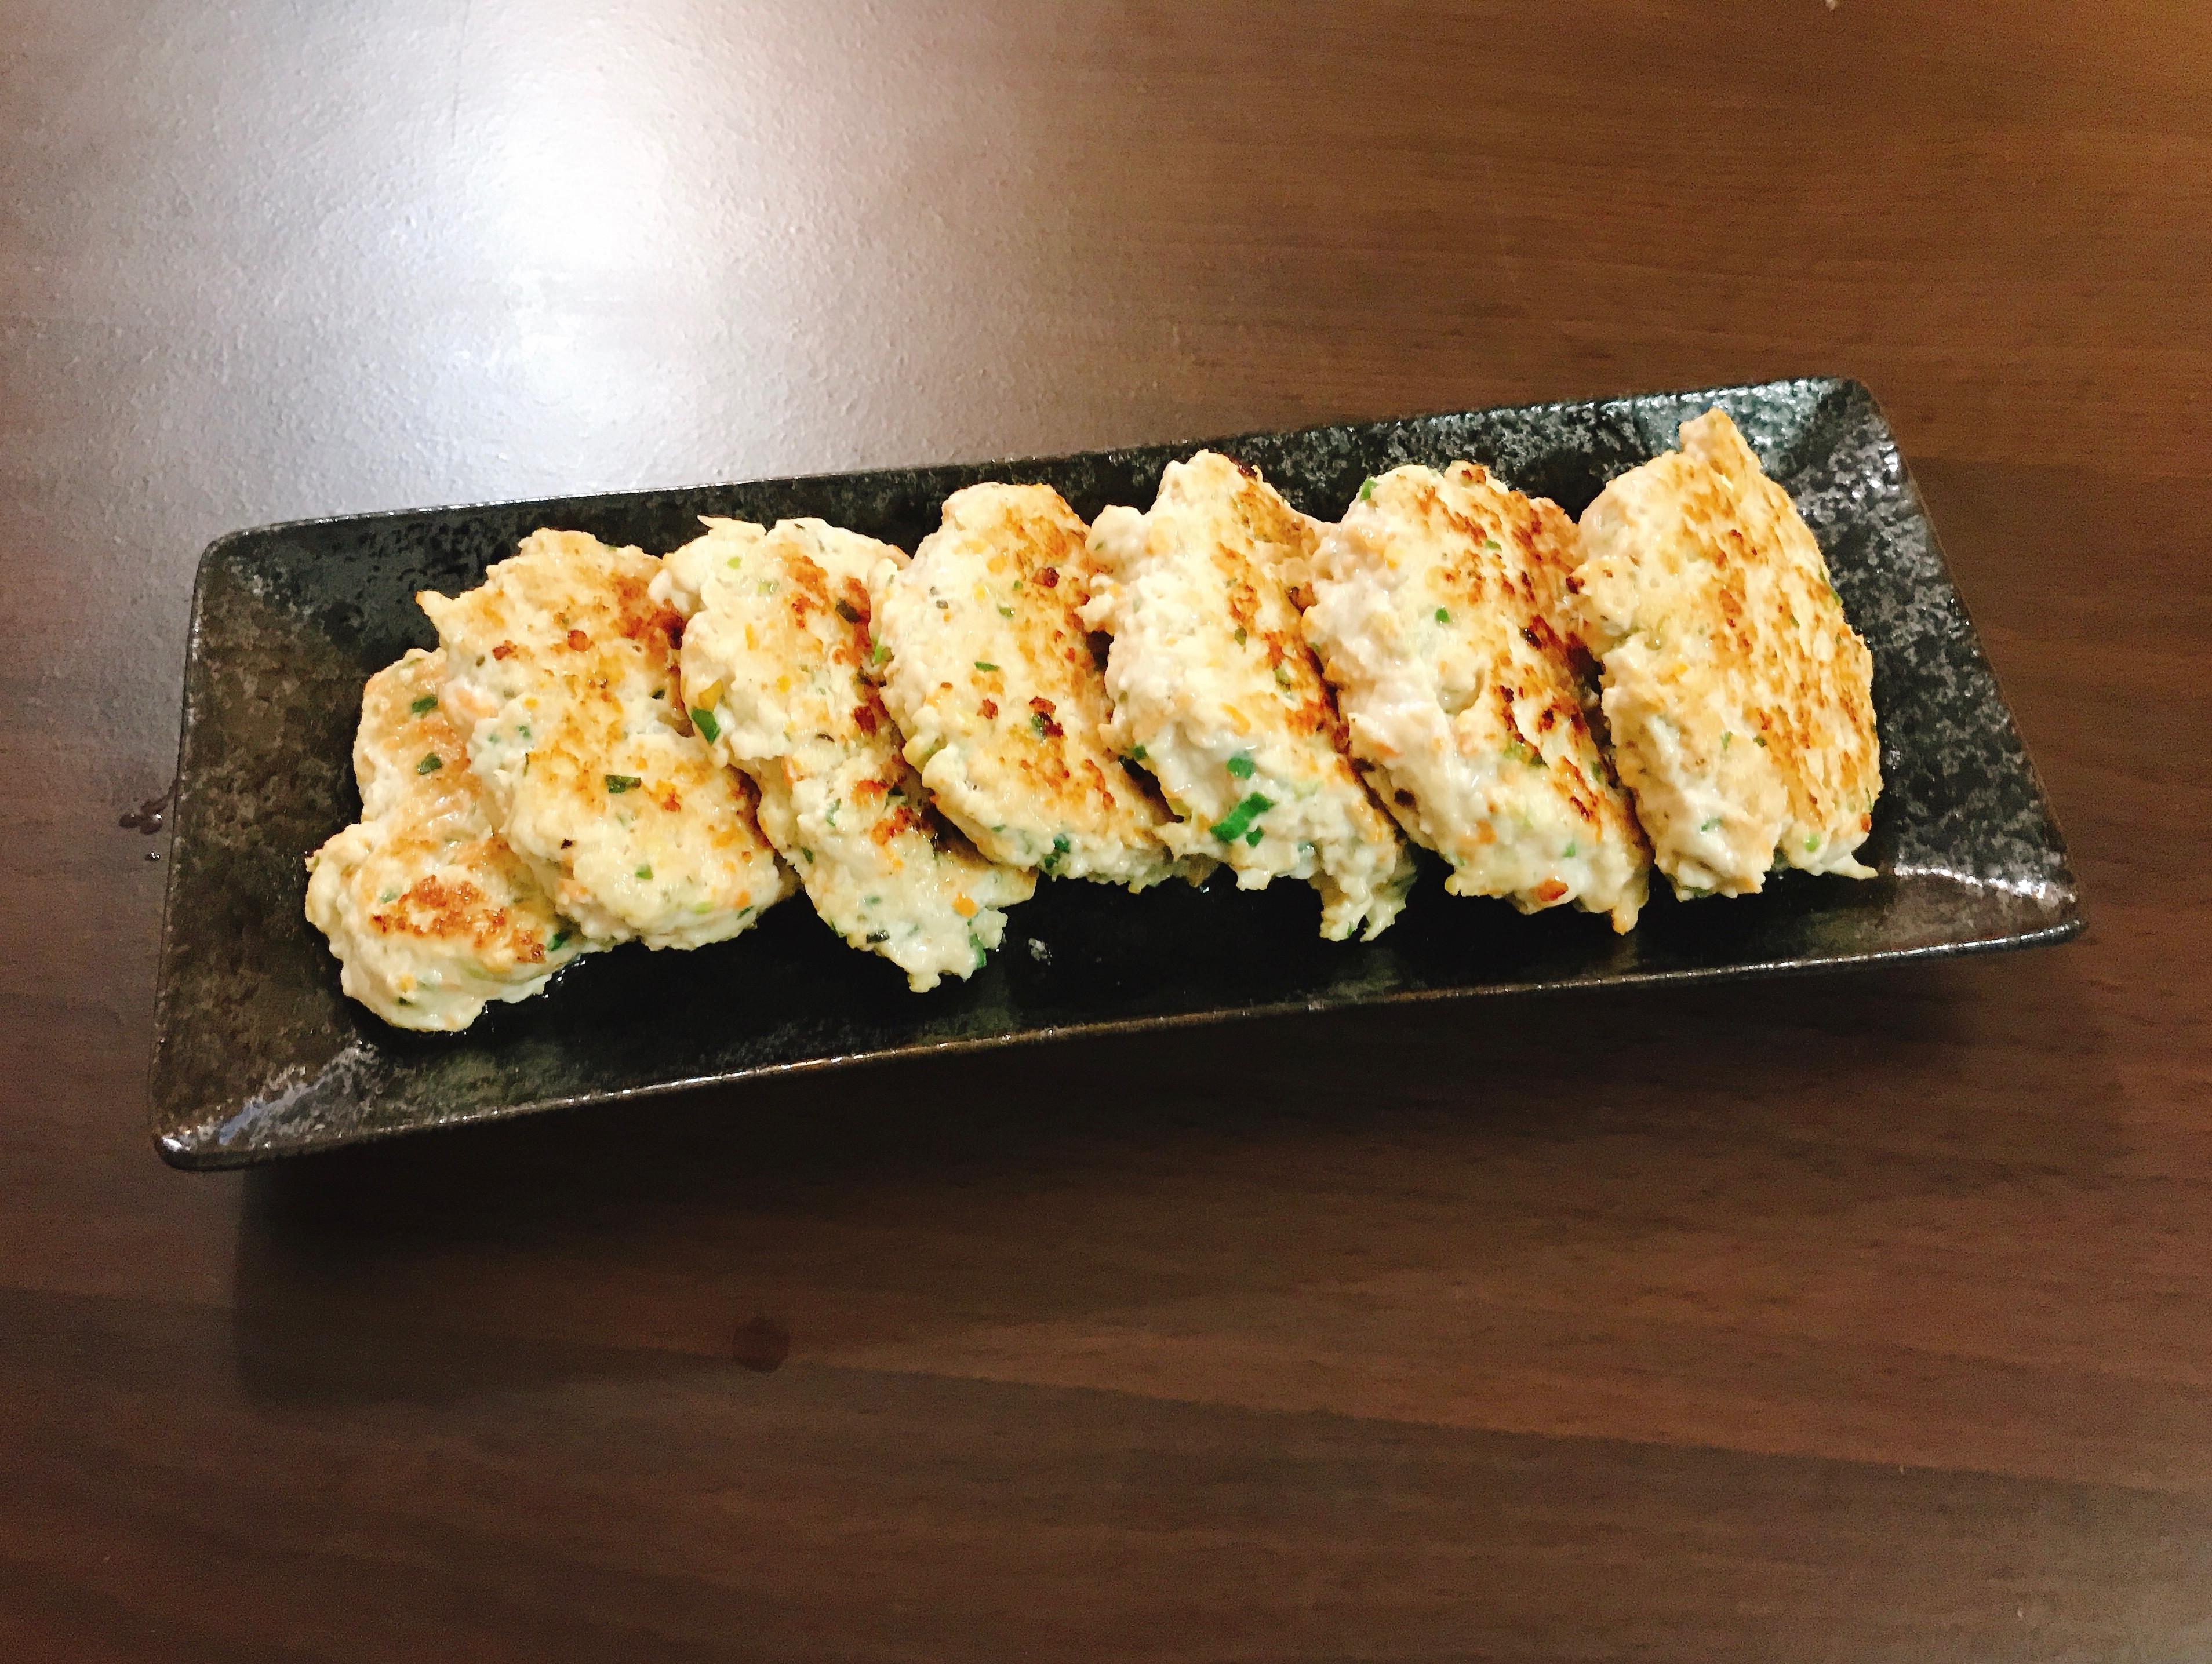 雞肉山藥蔥煎餅(低卡到不行)